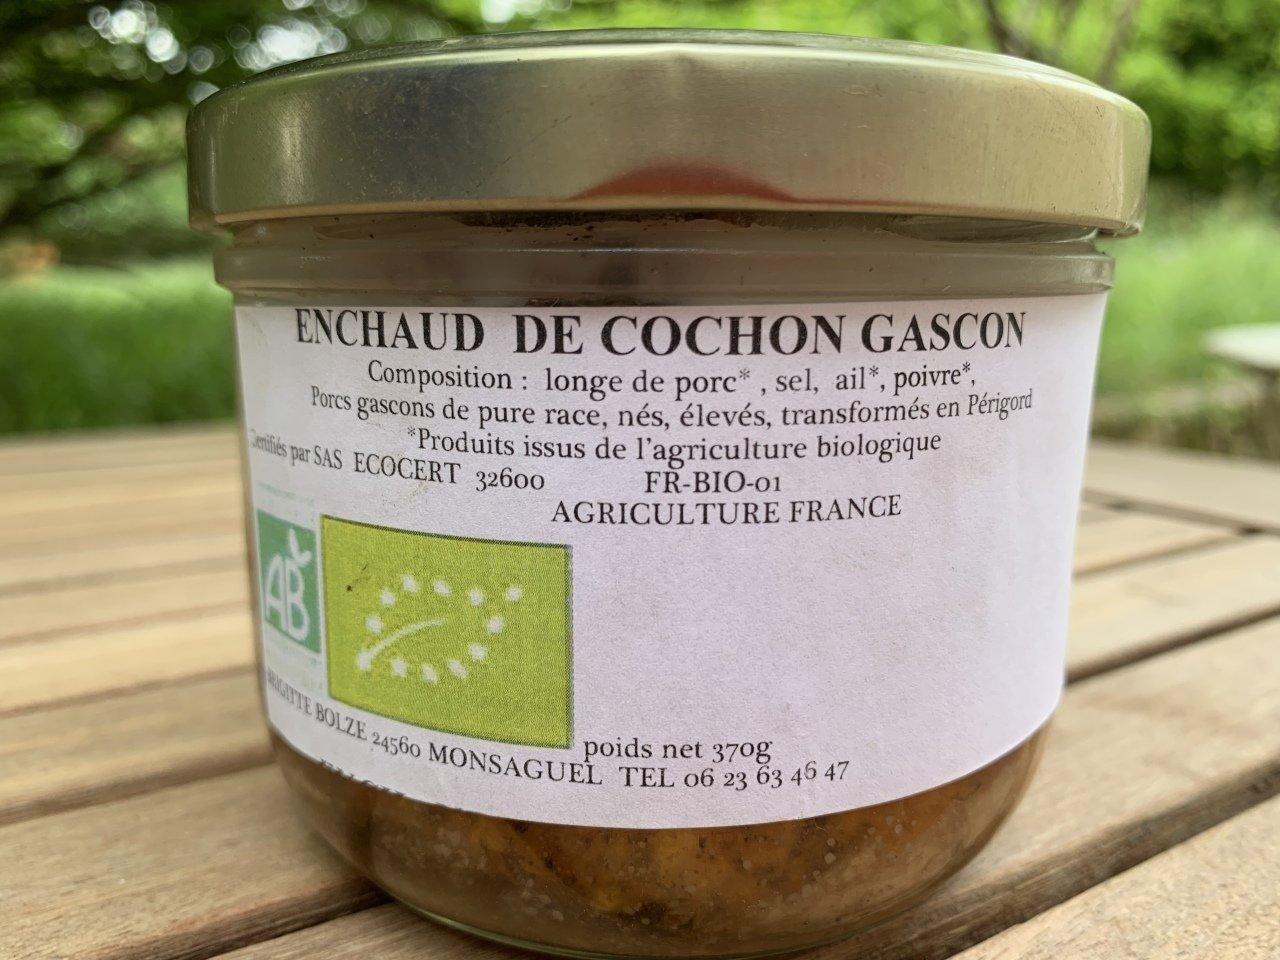 ENCHAUD DE PORC GASCON BIO